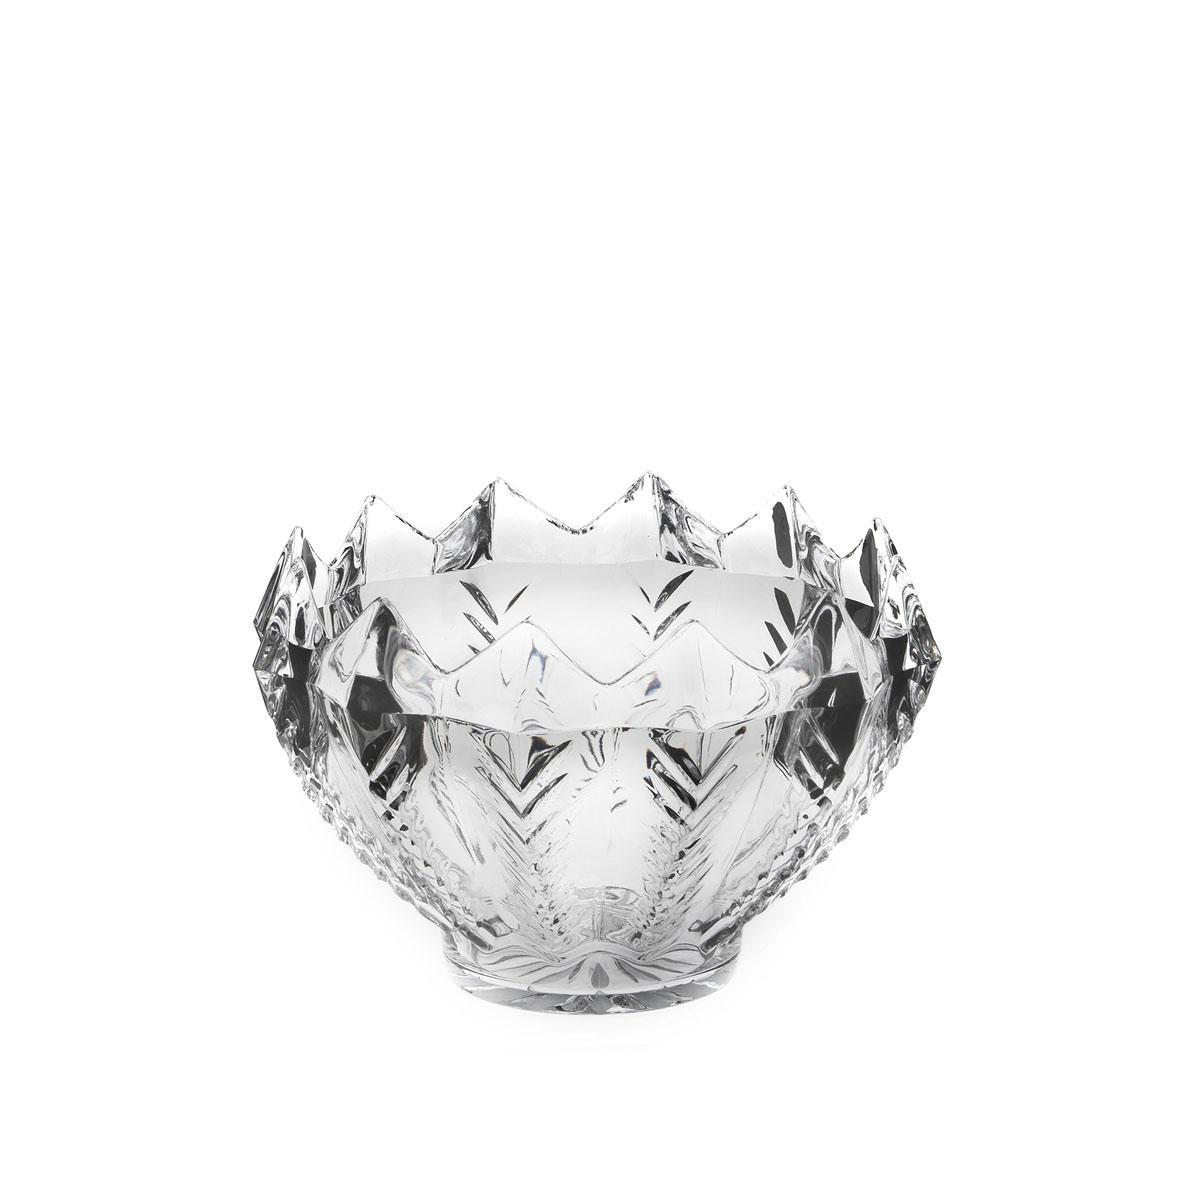 Ваза Дятьковский хрусталь Граненая. Ветка, высокая. С360С360Ваза для сервировки из прозрачного хрусталя будет красиво и элегантно смотрится на столе и в качестве салатника, конфетницы или вазочки для печенья. Сверкающий хрусталь фирменного качества, тонкой огранки, с изумительным звучанием и завораживающими переливами света в гранях – одно из главных украшений праздничного застолья или официального приема и прекрасный подарок!